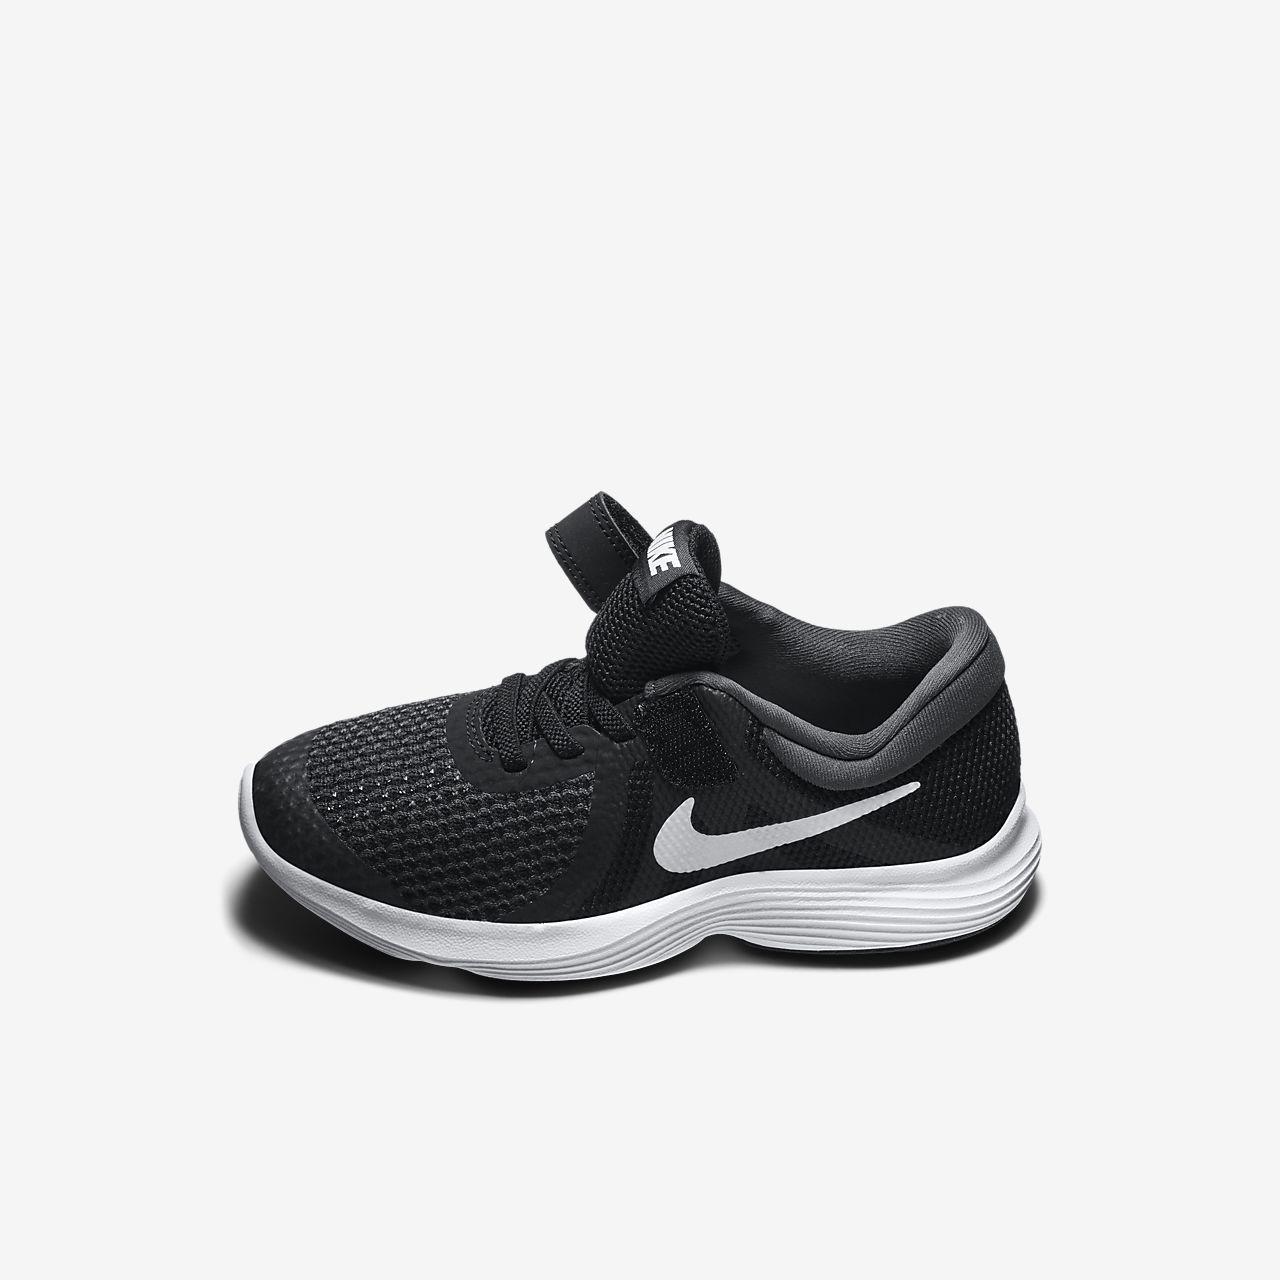 ... Nike Revolution 4 (PSV) 幼童运动童鞋